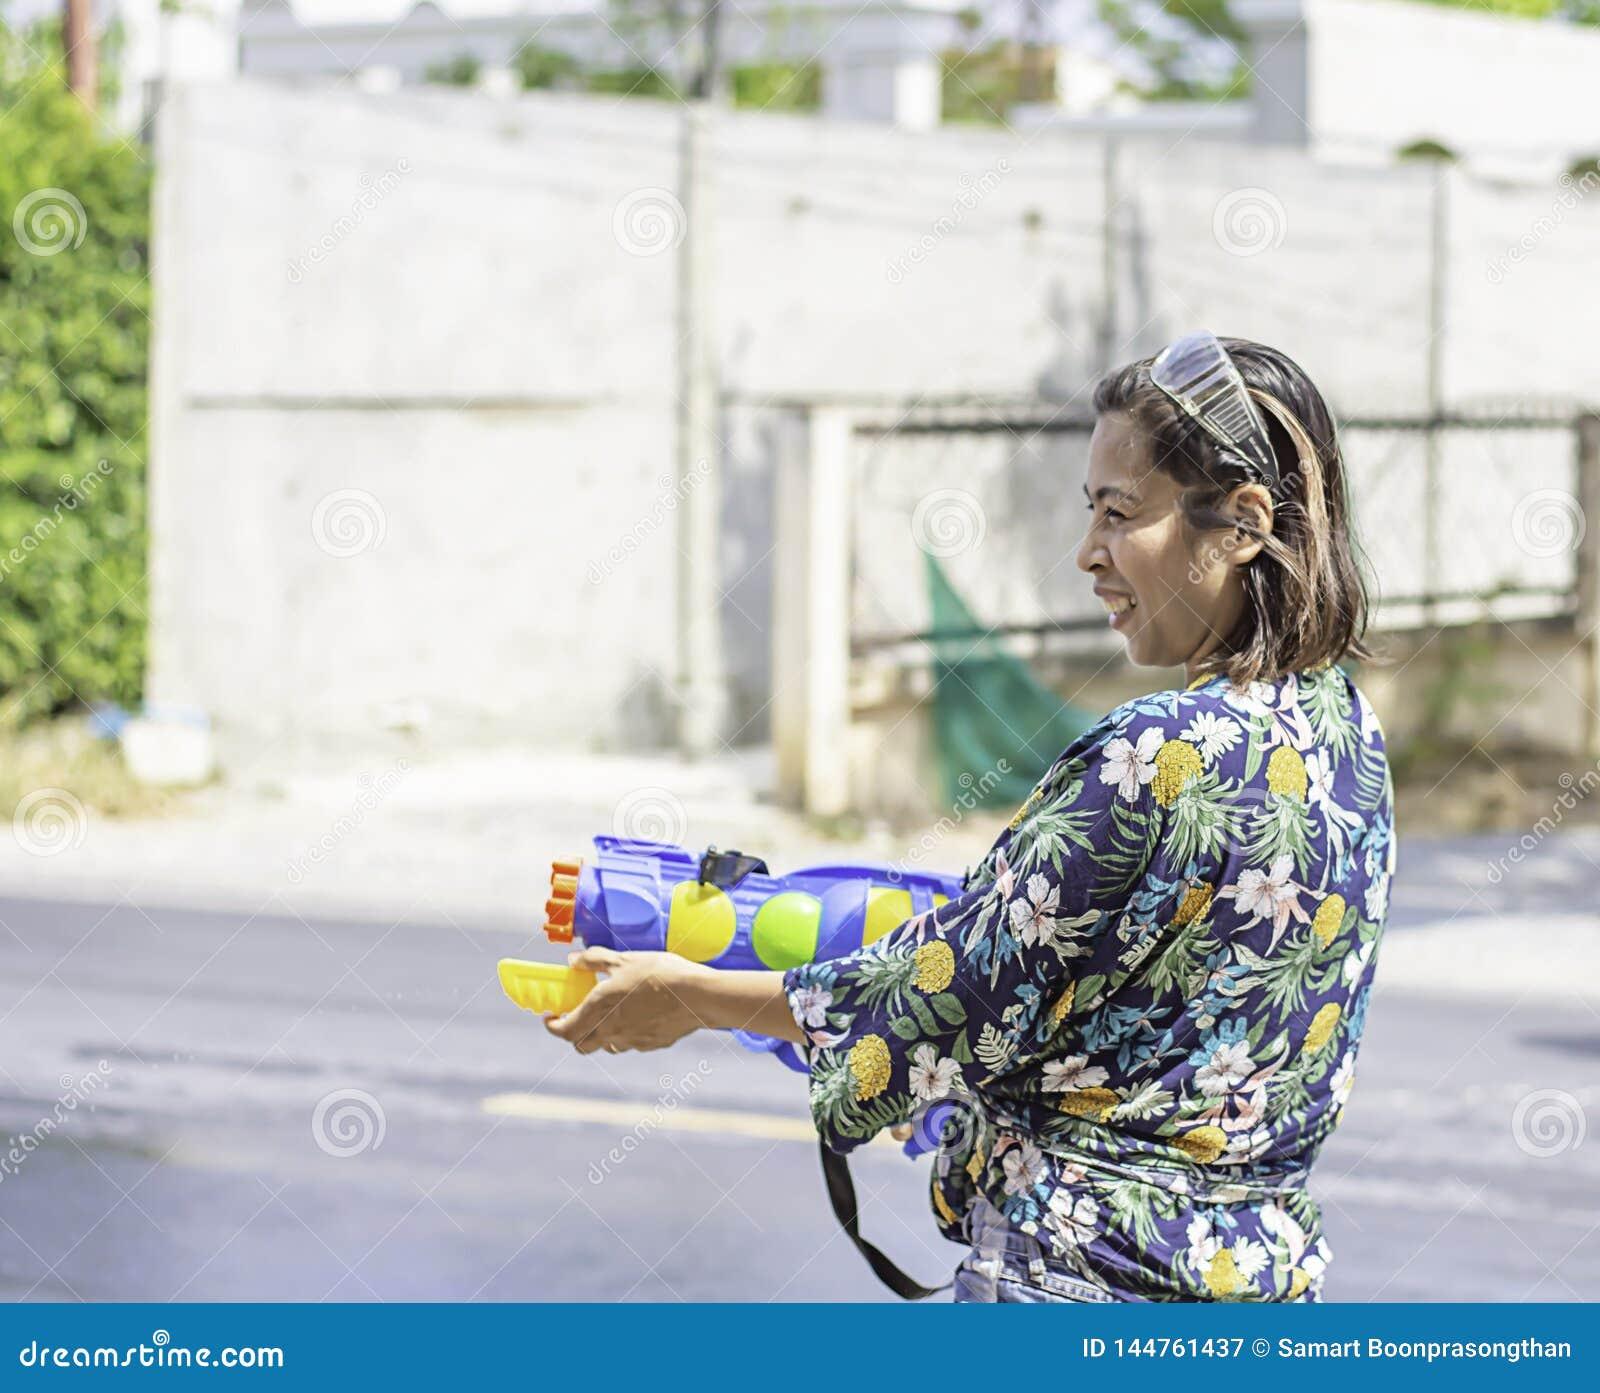 Azjatycka kobieta trzyma wodnego pistoletu sztuki Songkran festiwal Tajlandzkiego nowego roku w Tajlandia lub